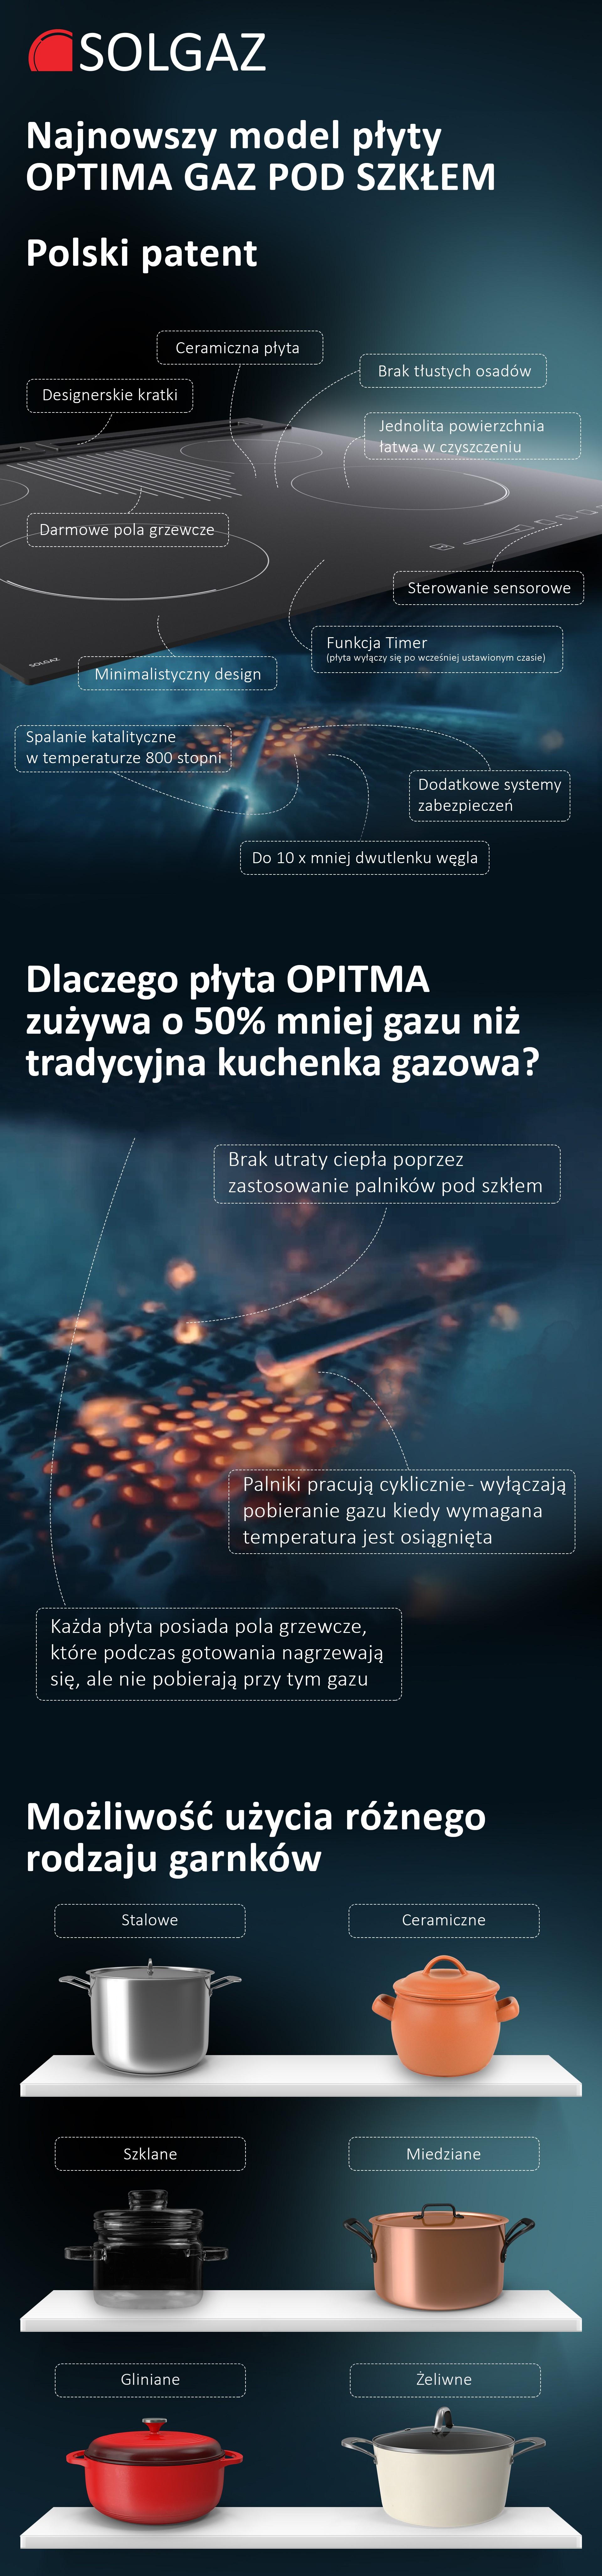 płyta gazowa pod szkłem - Solgaz Optima